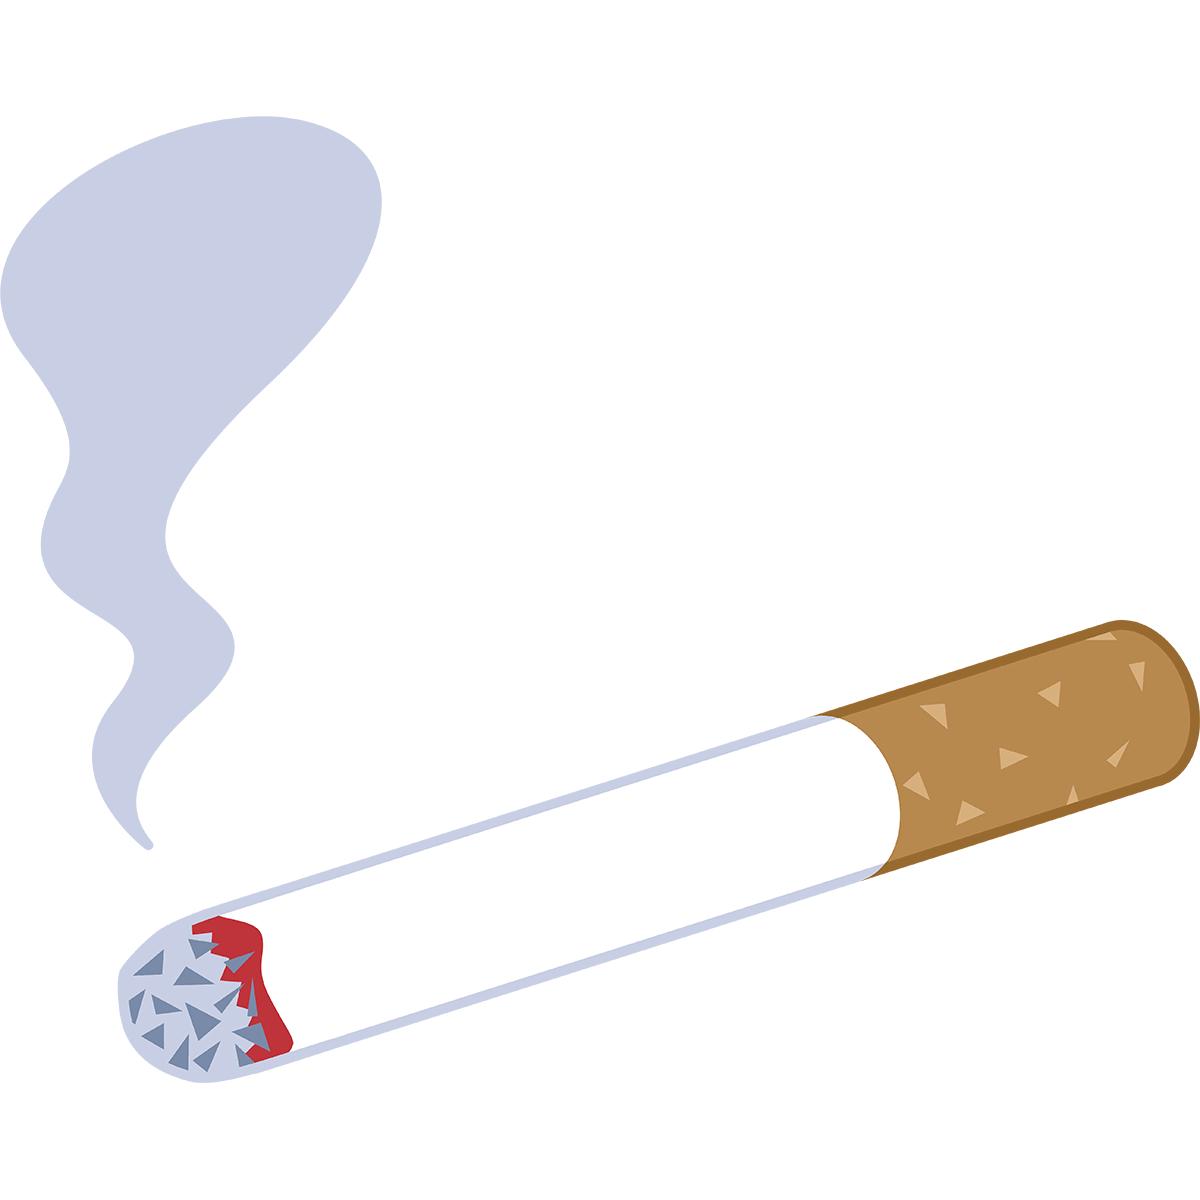 吸いかけのタバコの無料イラスト